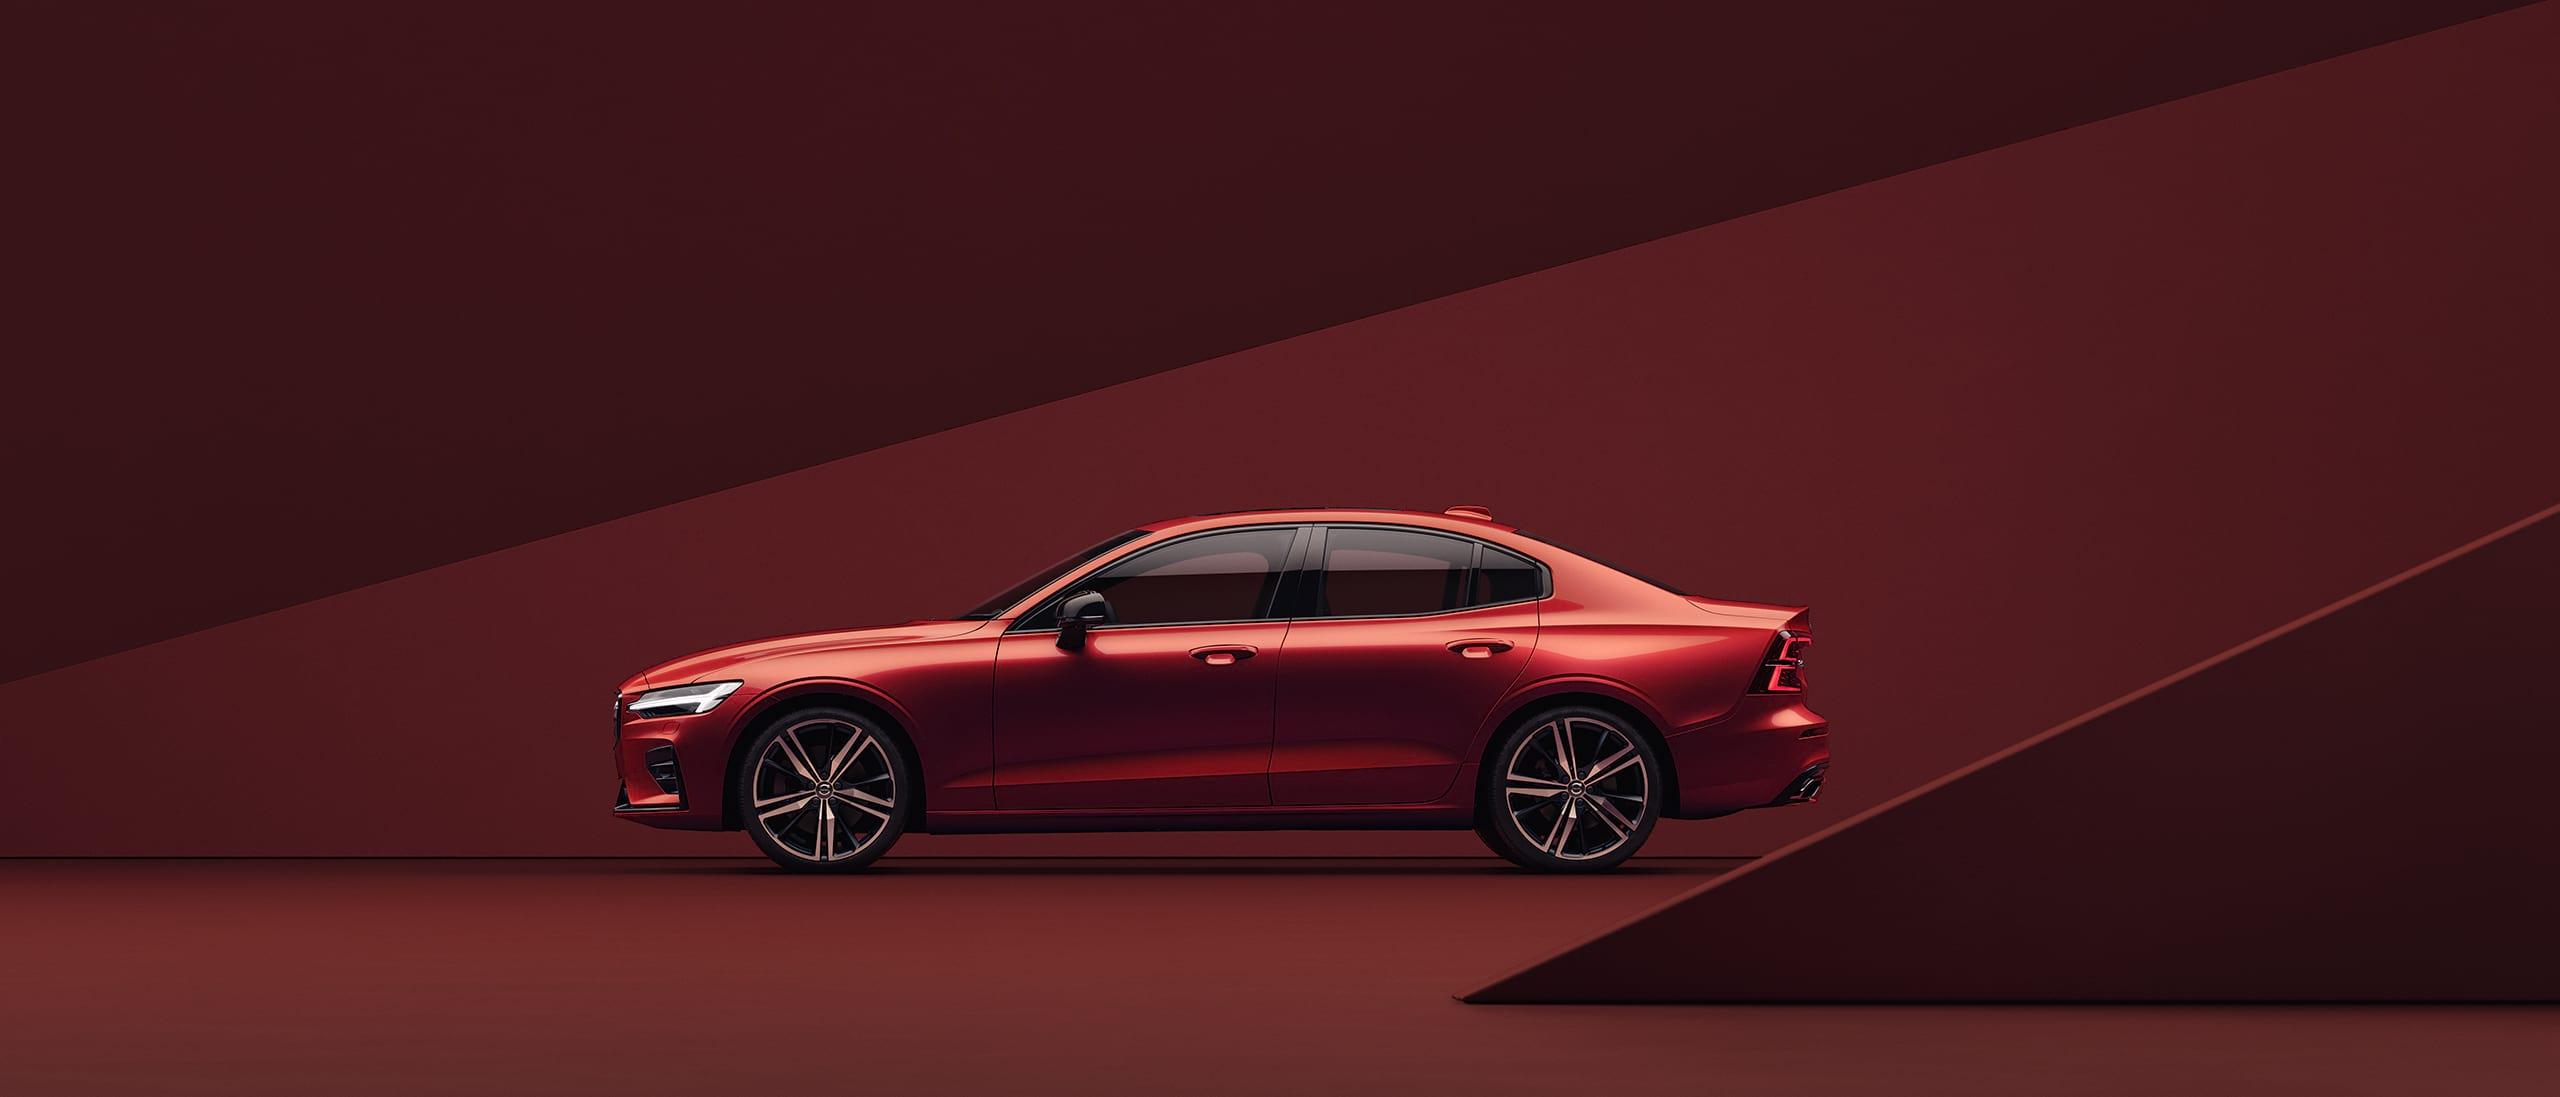 Ein roter Volvo S60, der in einer roten Umgebung geparkt ist